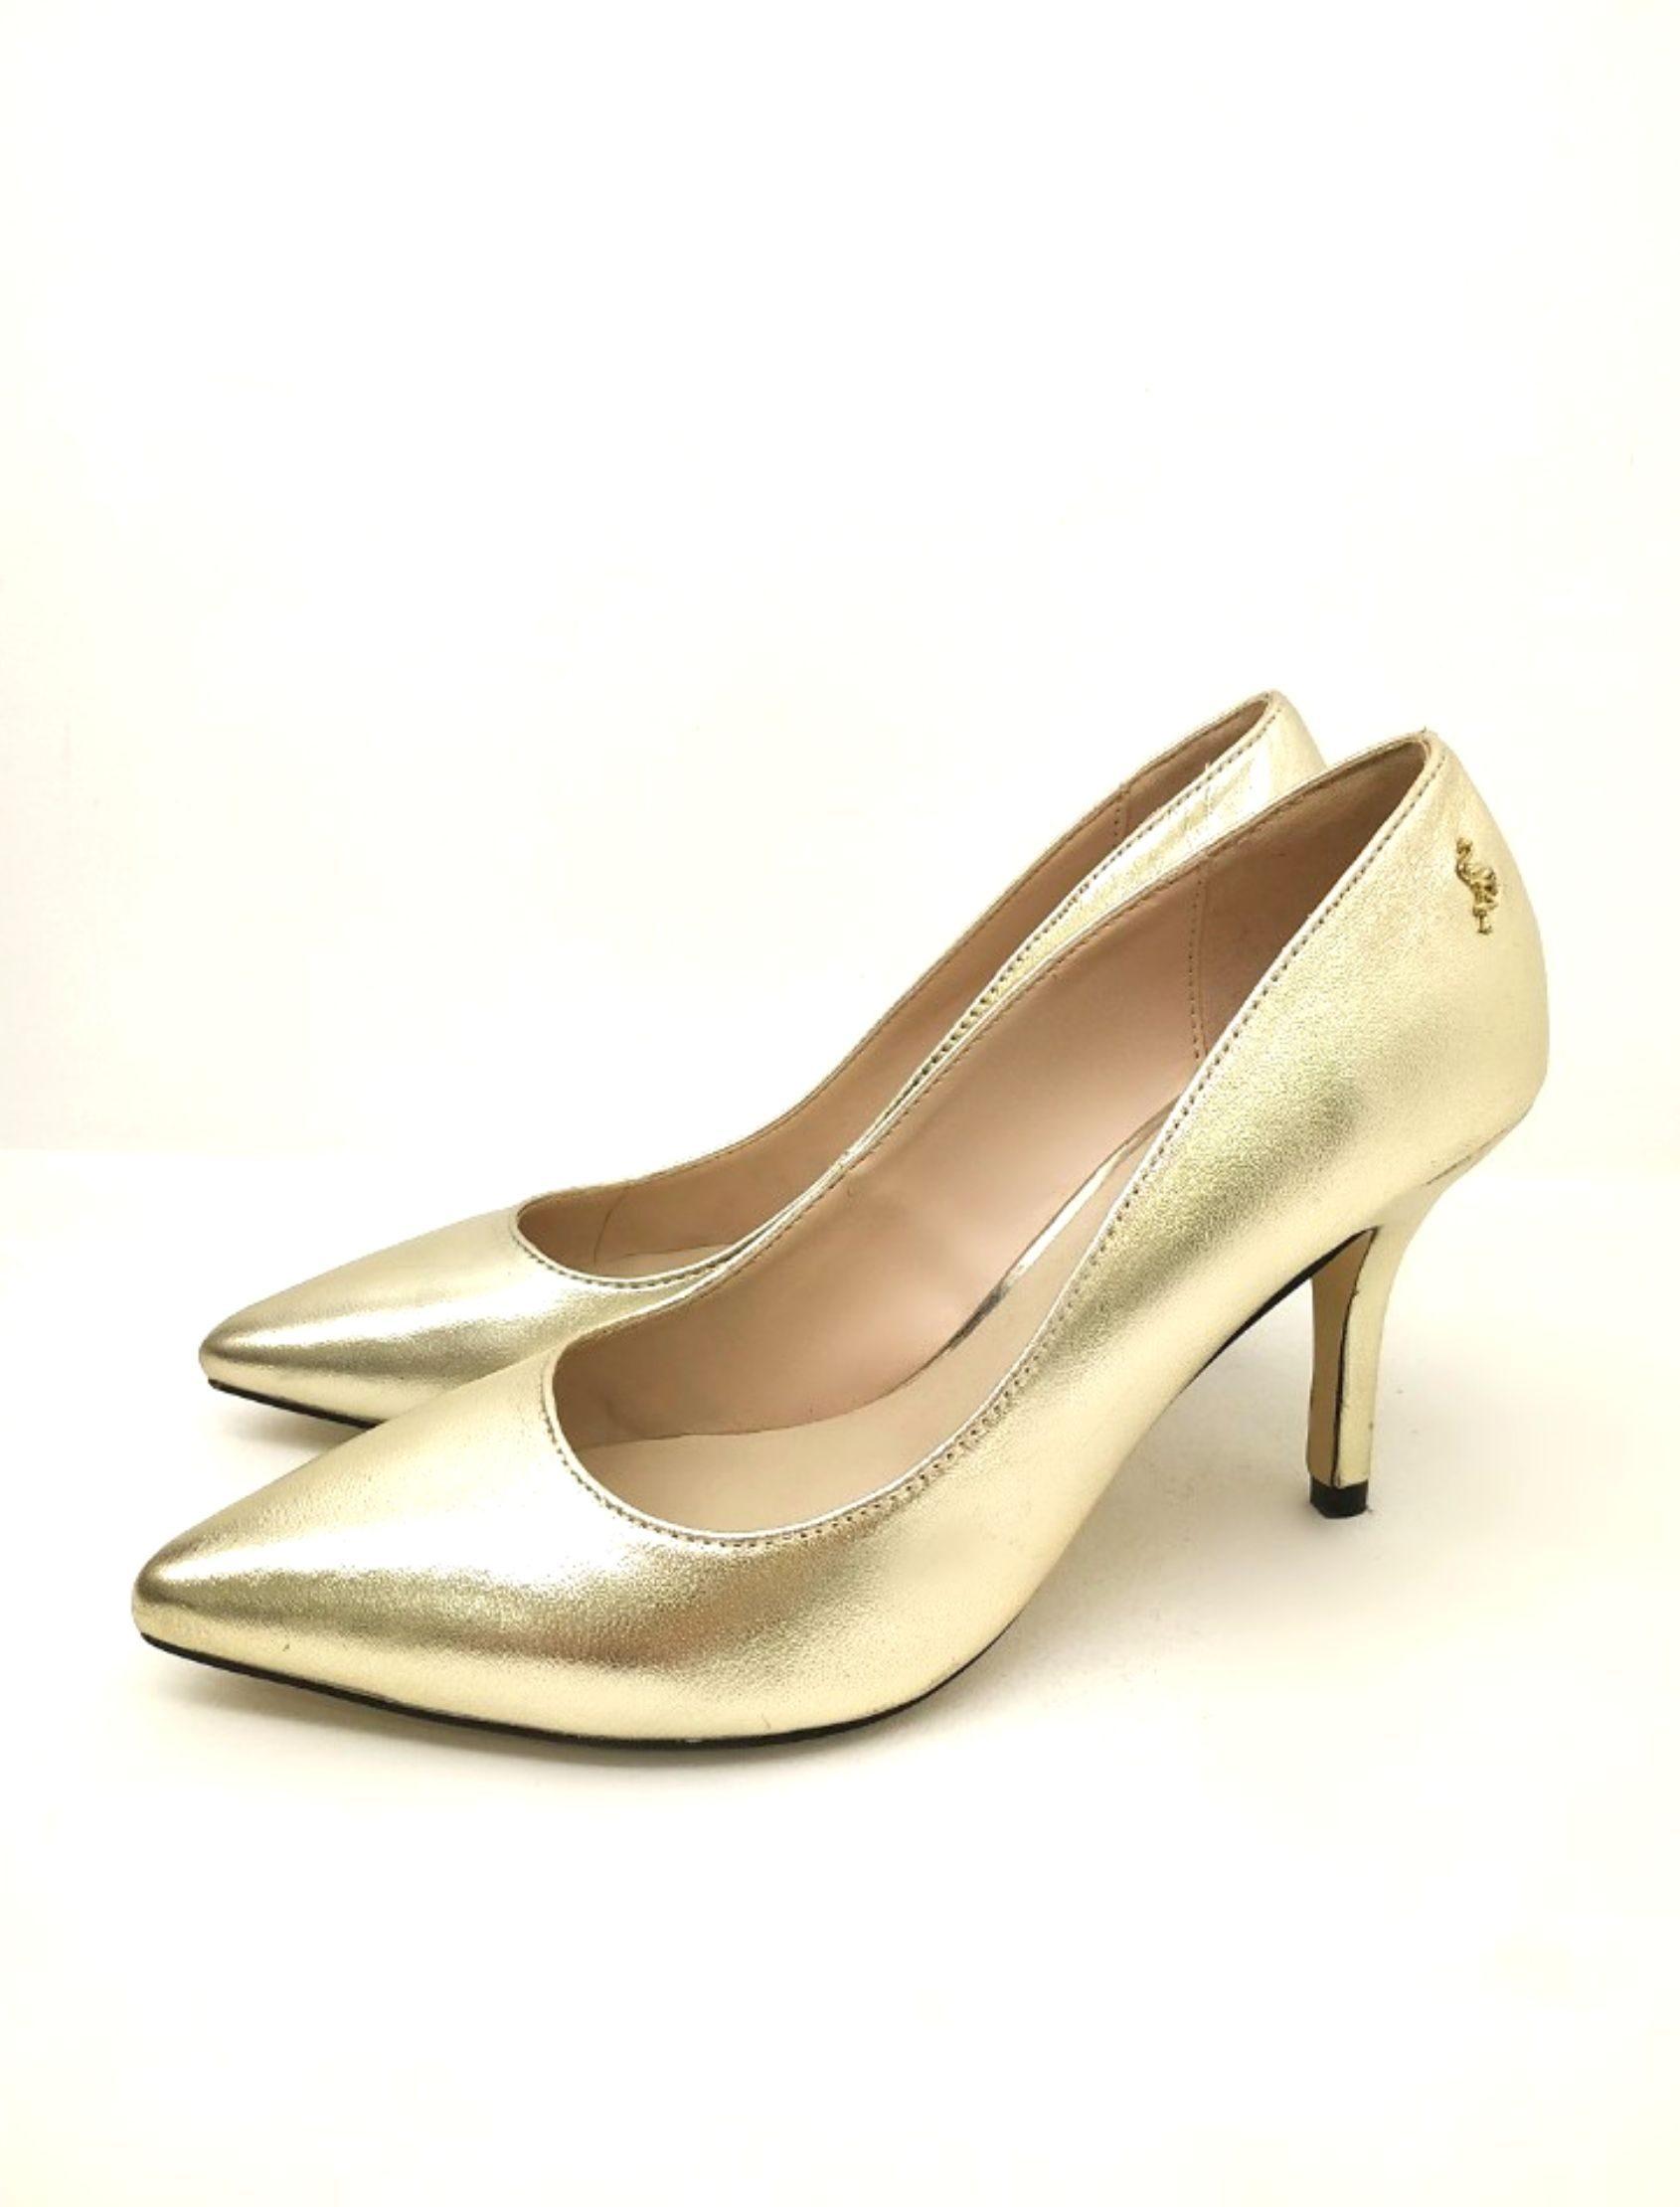 zapato de mujer de corte salón en color dorado de menbur